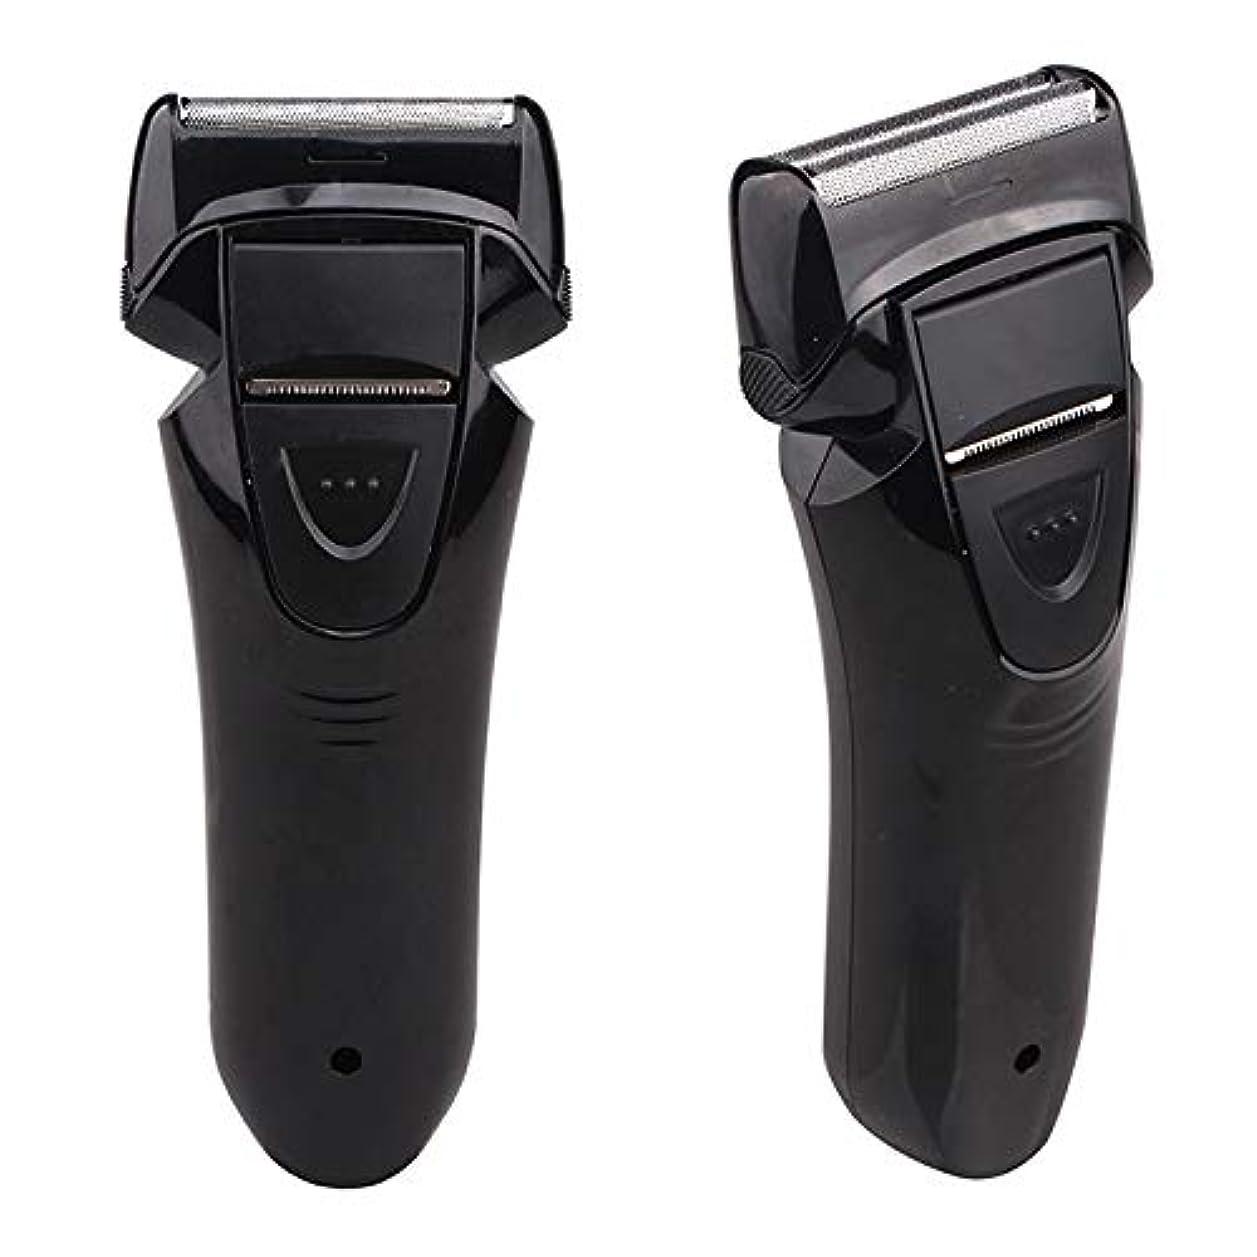 繰り返した争う人里離れたメンズシェーバー Vegetable(ベジタブル) アダプター&USB充電式2枚刃シェーバー GD-S206